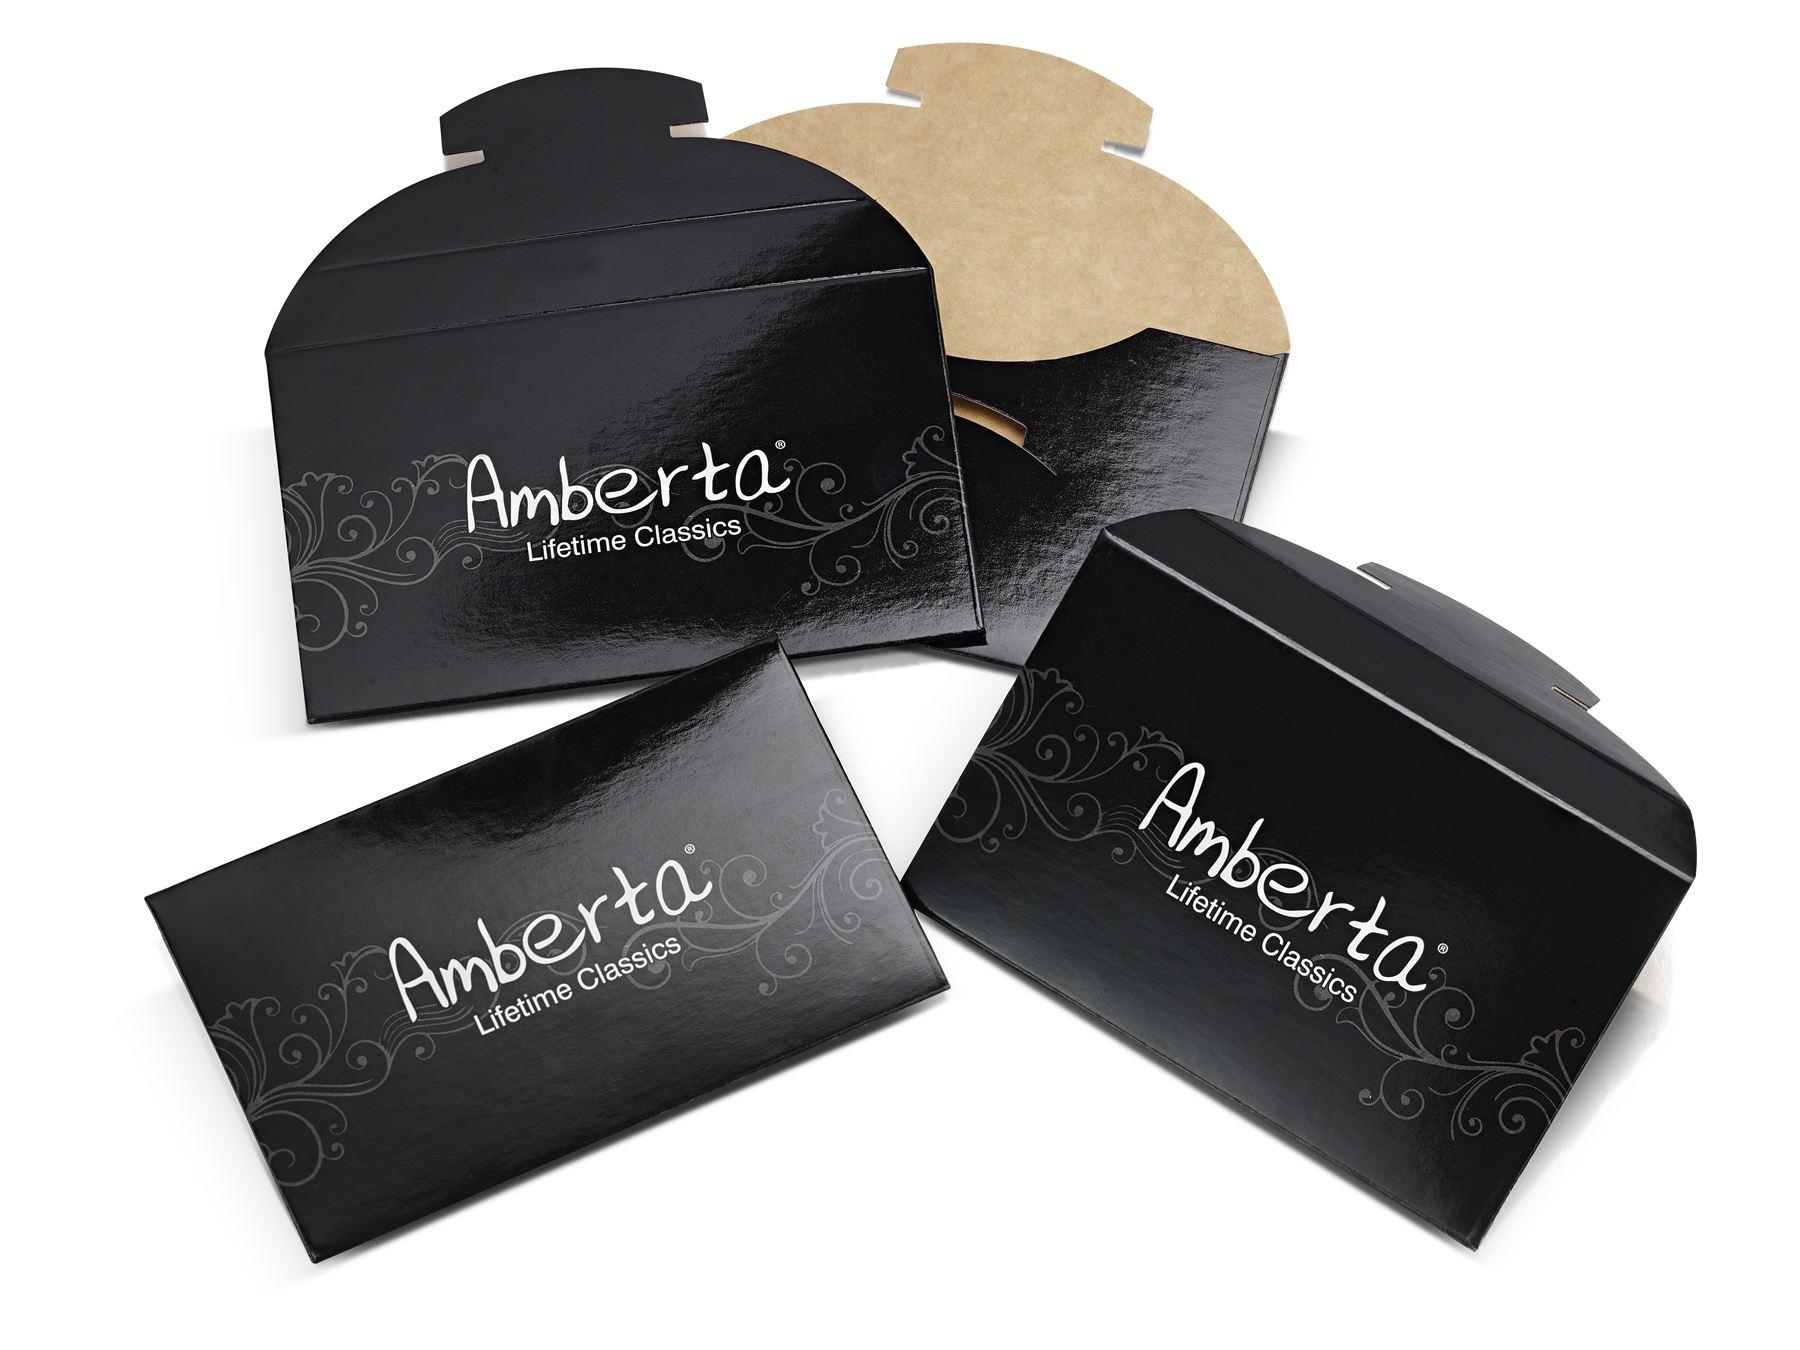 Amberta-Bijoux-Bracelet-en-Vrai-Argent-Sterling-925-Chaine-pour-Femme-a-la-Mode thumbnail 112